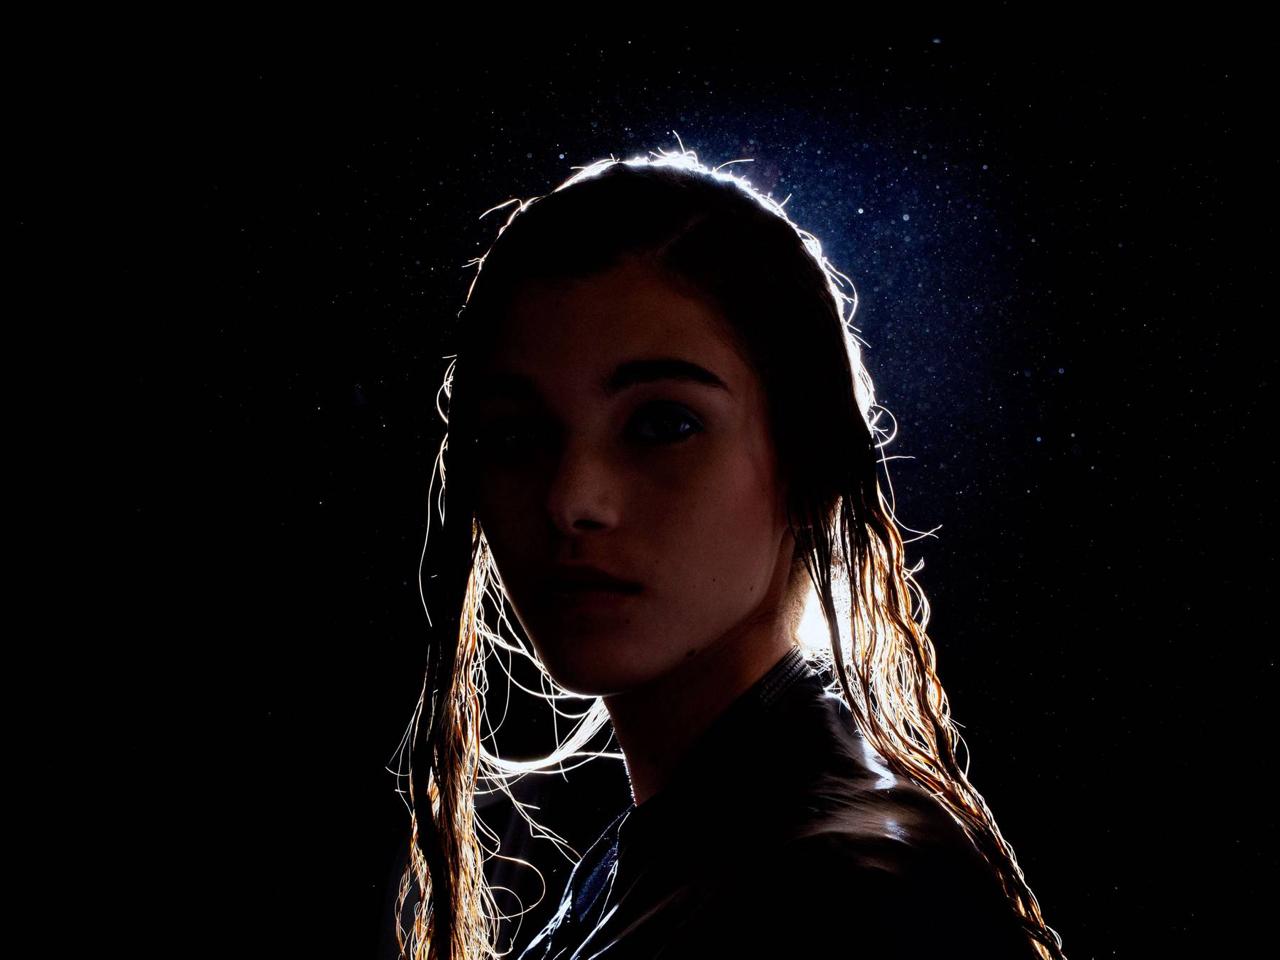 strangeststar: Alex Majoli